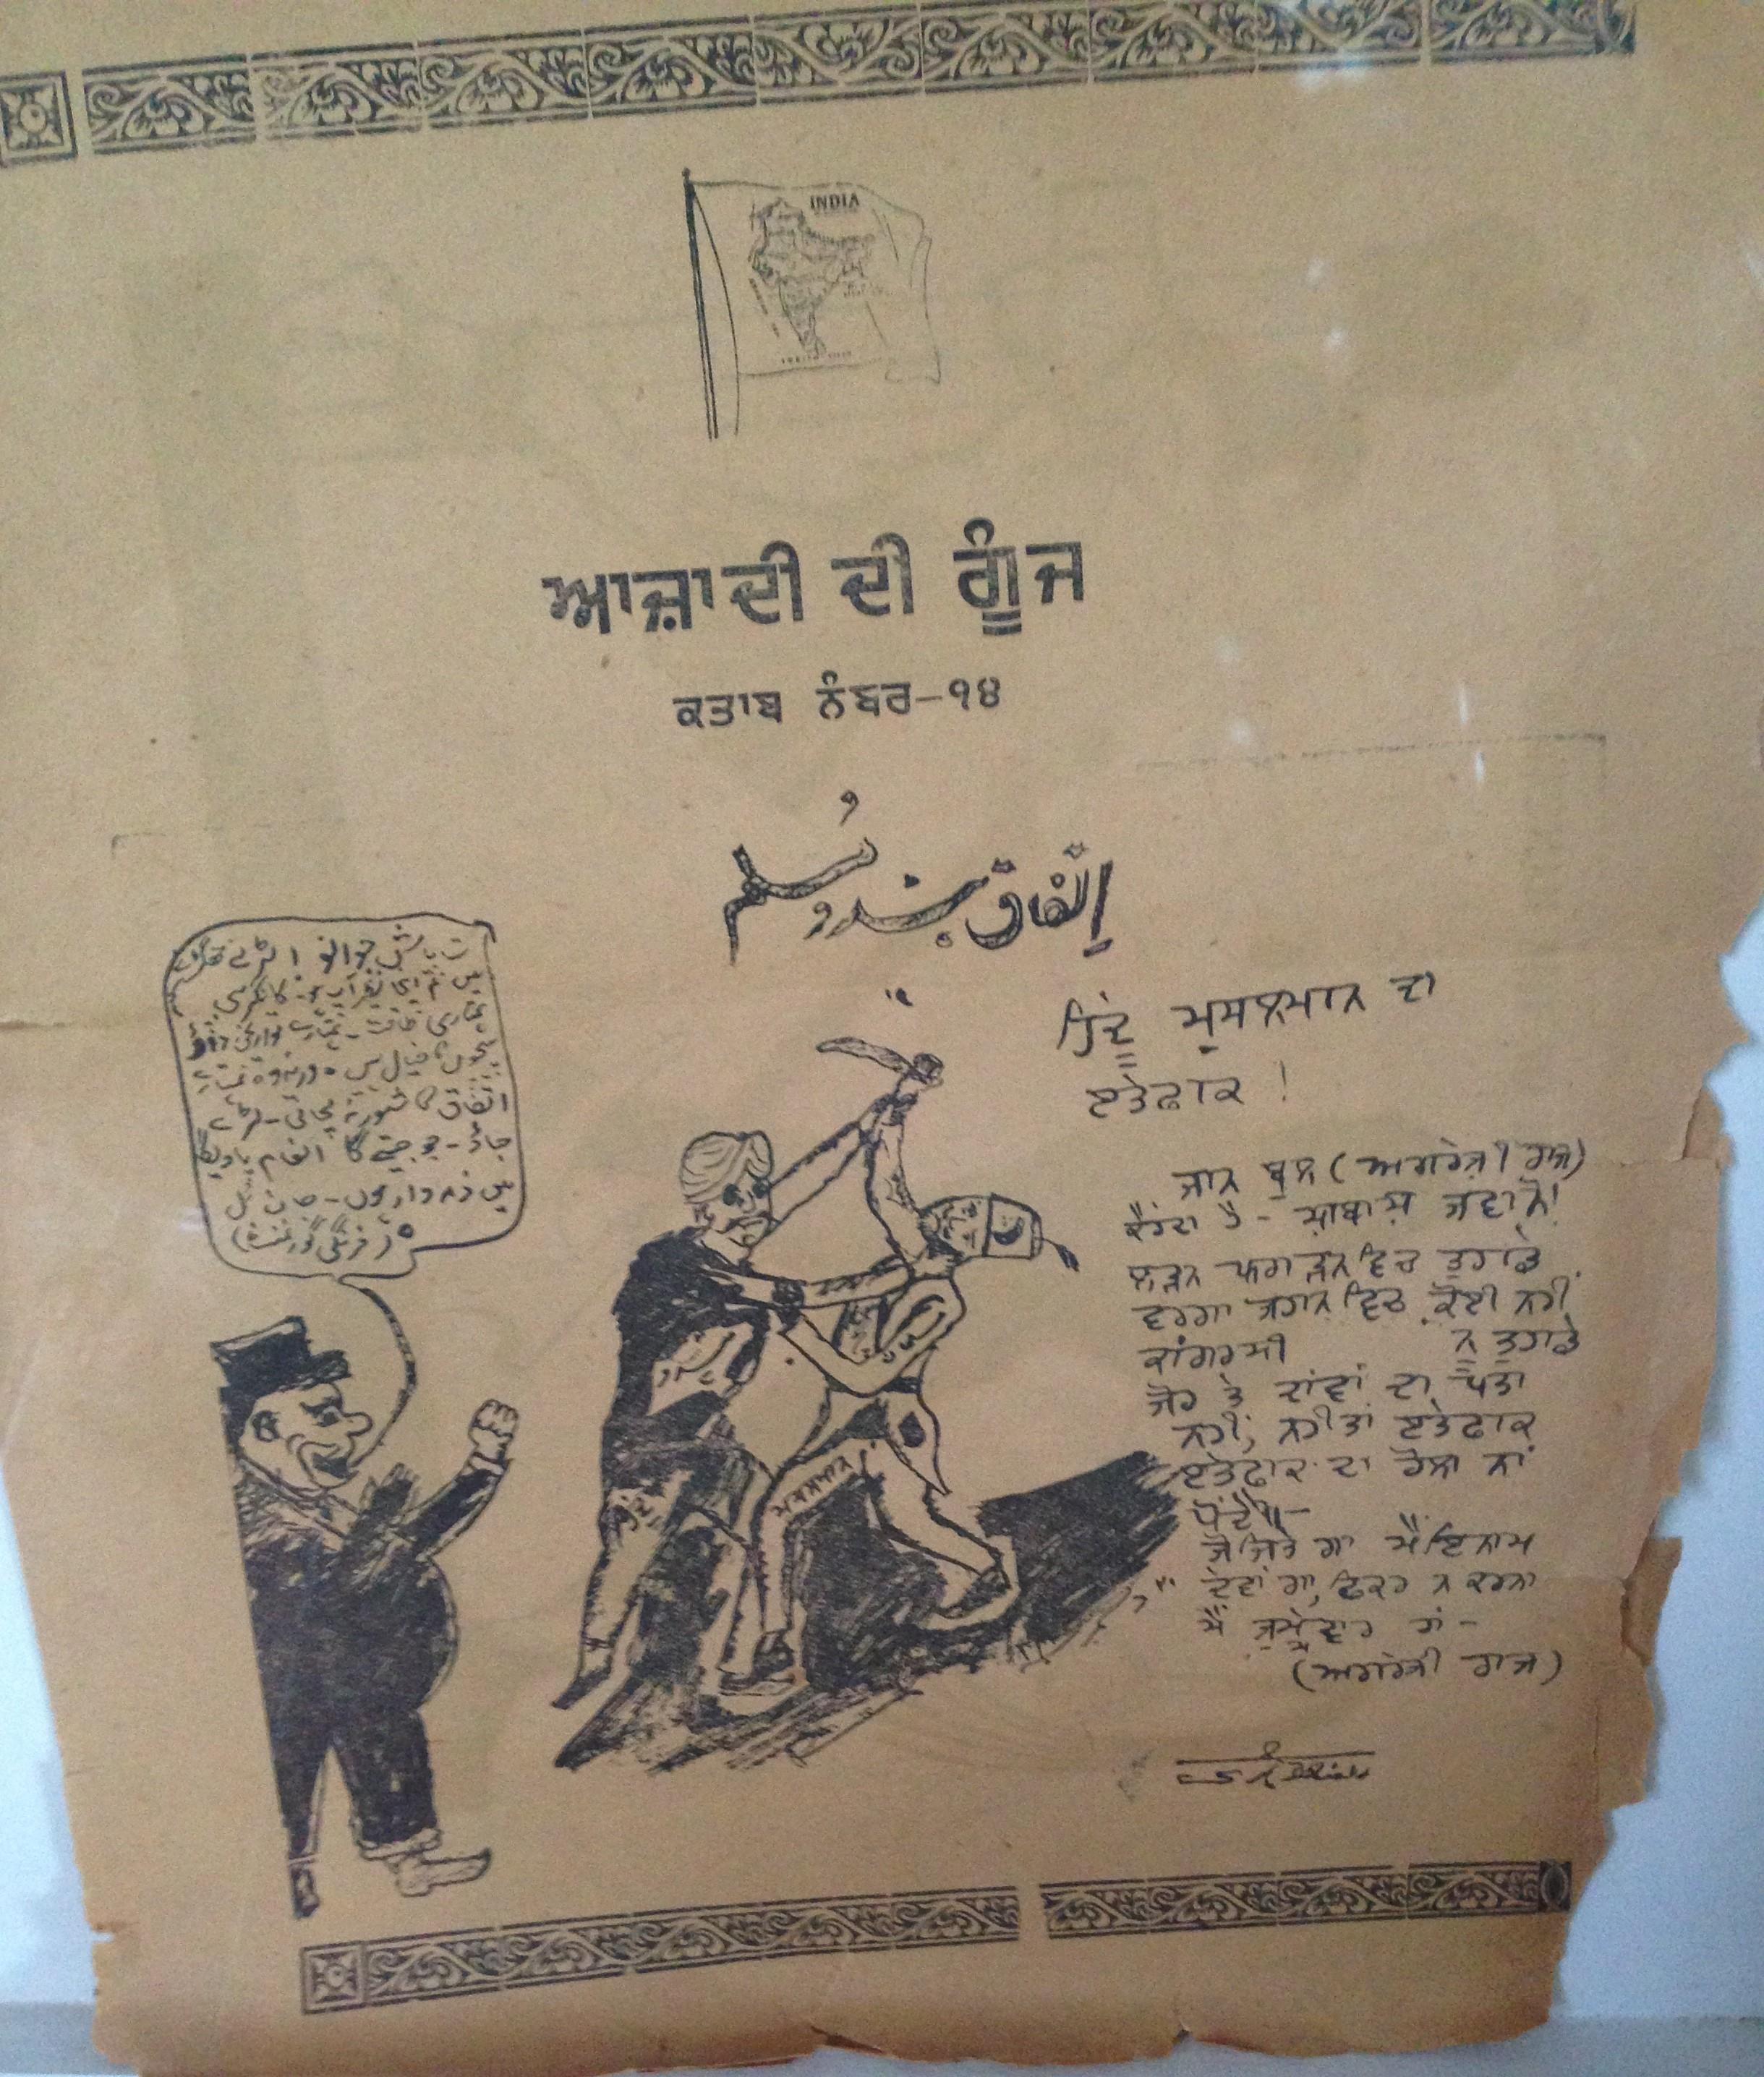 Ghadar propaganda